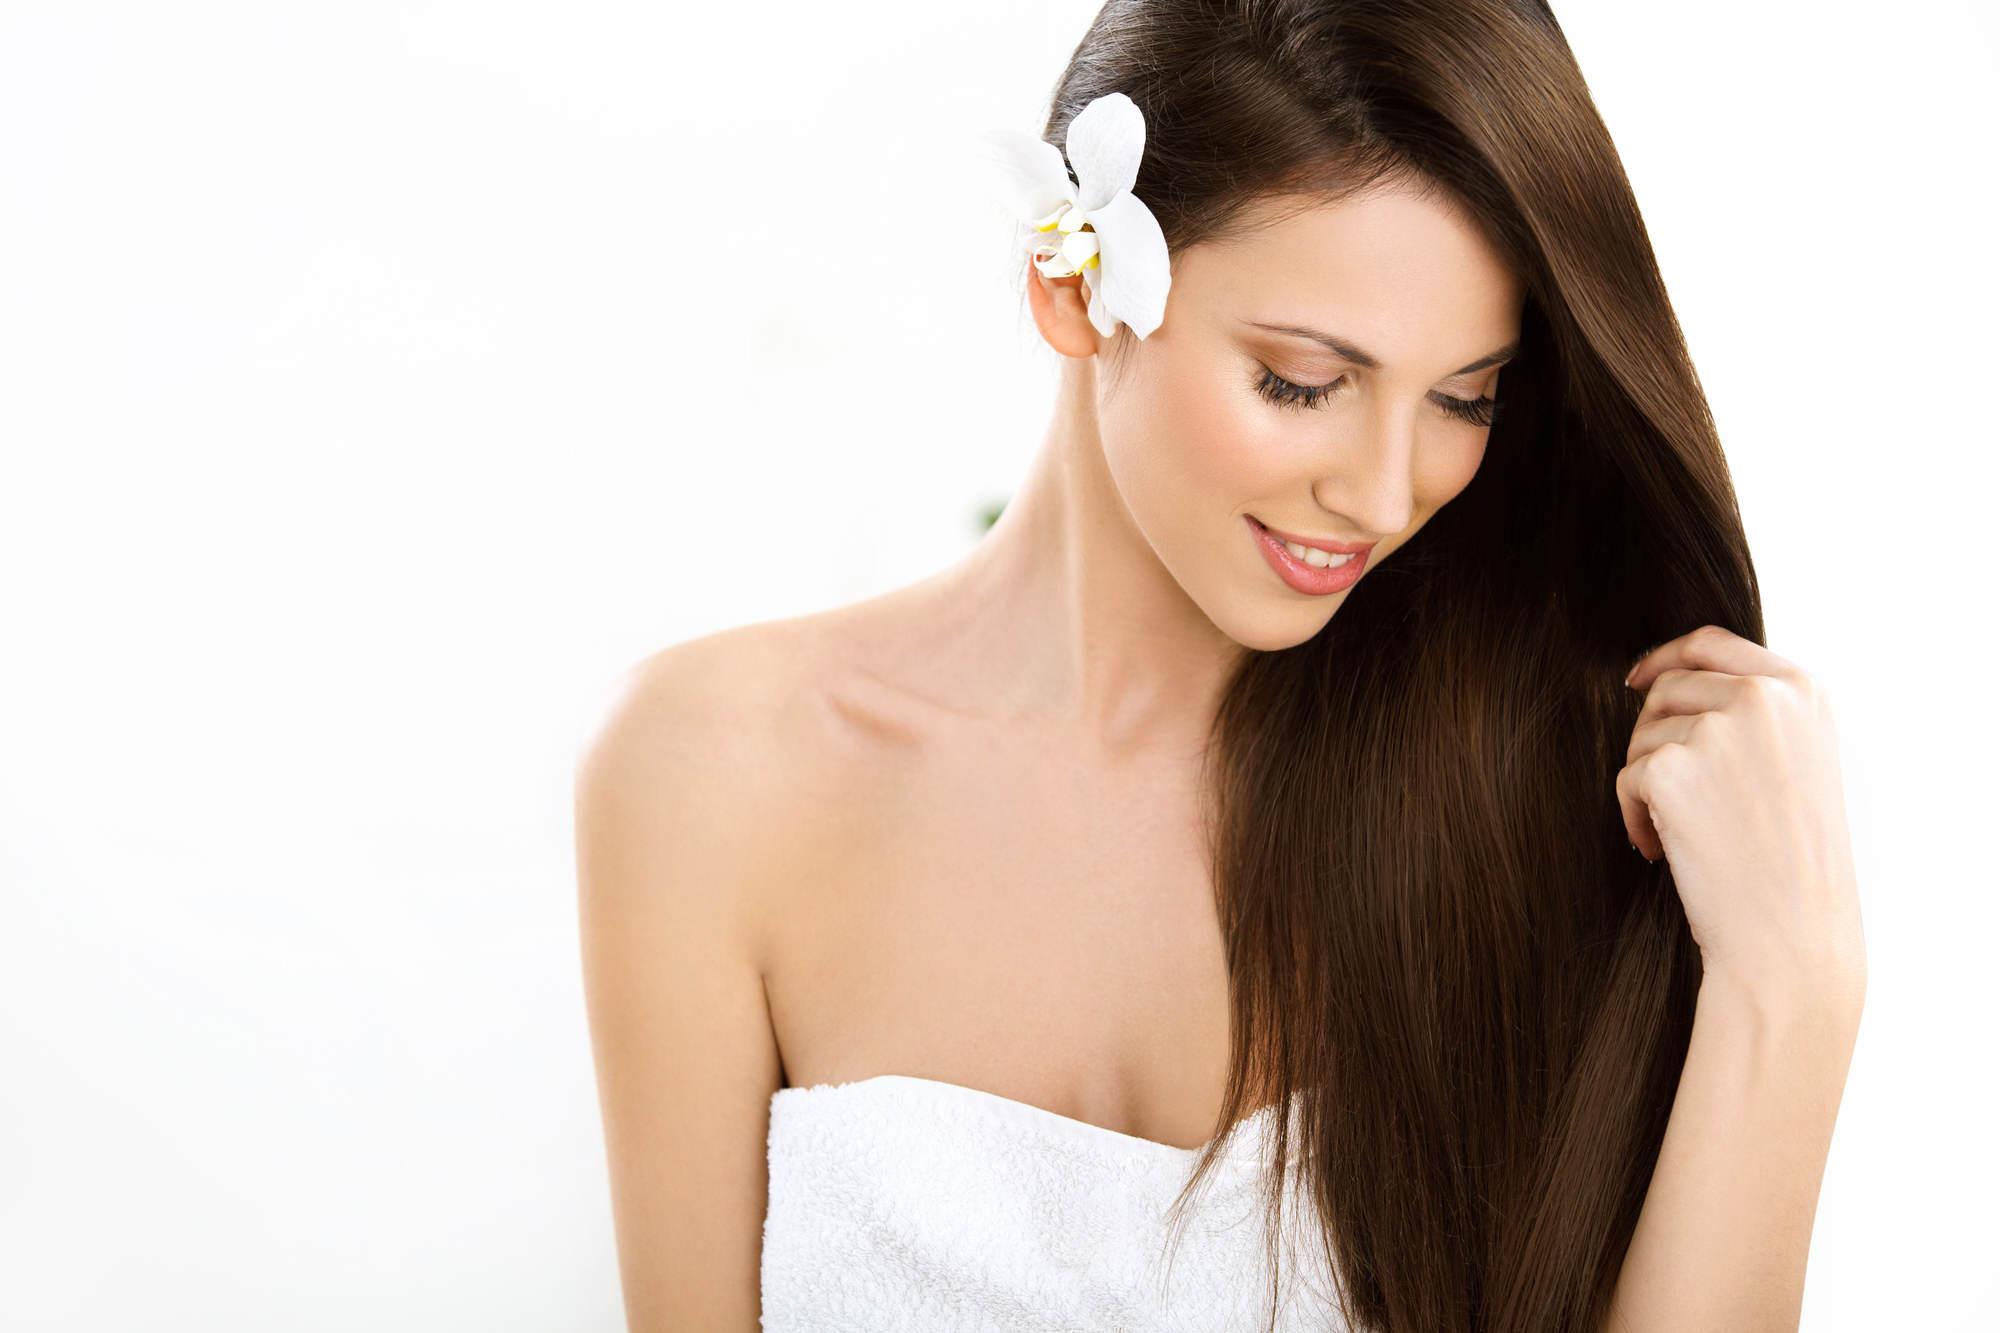 Los Omegas del Aceite de Macadamia son beneficiosos para el cabello